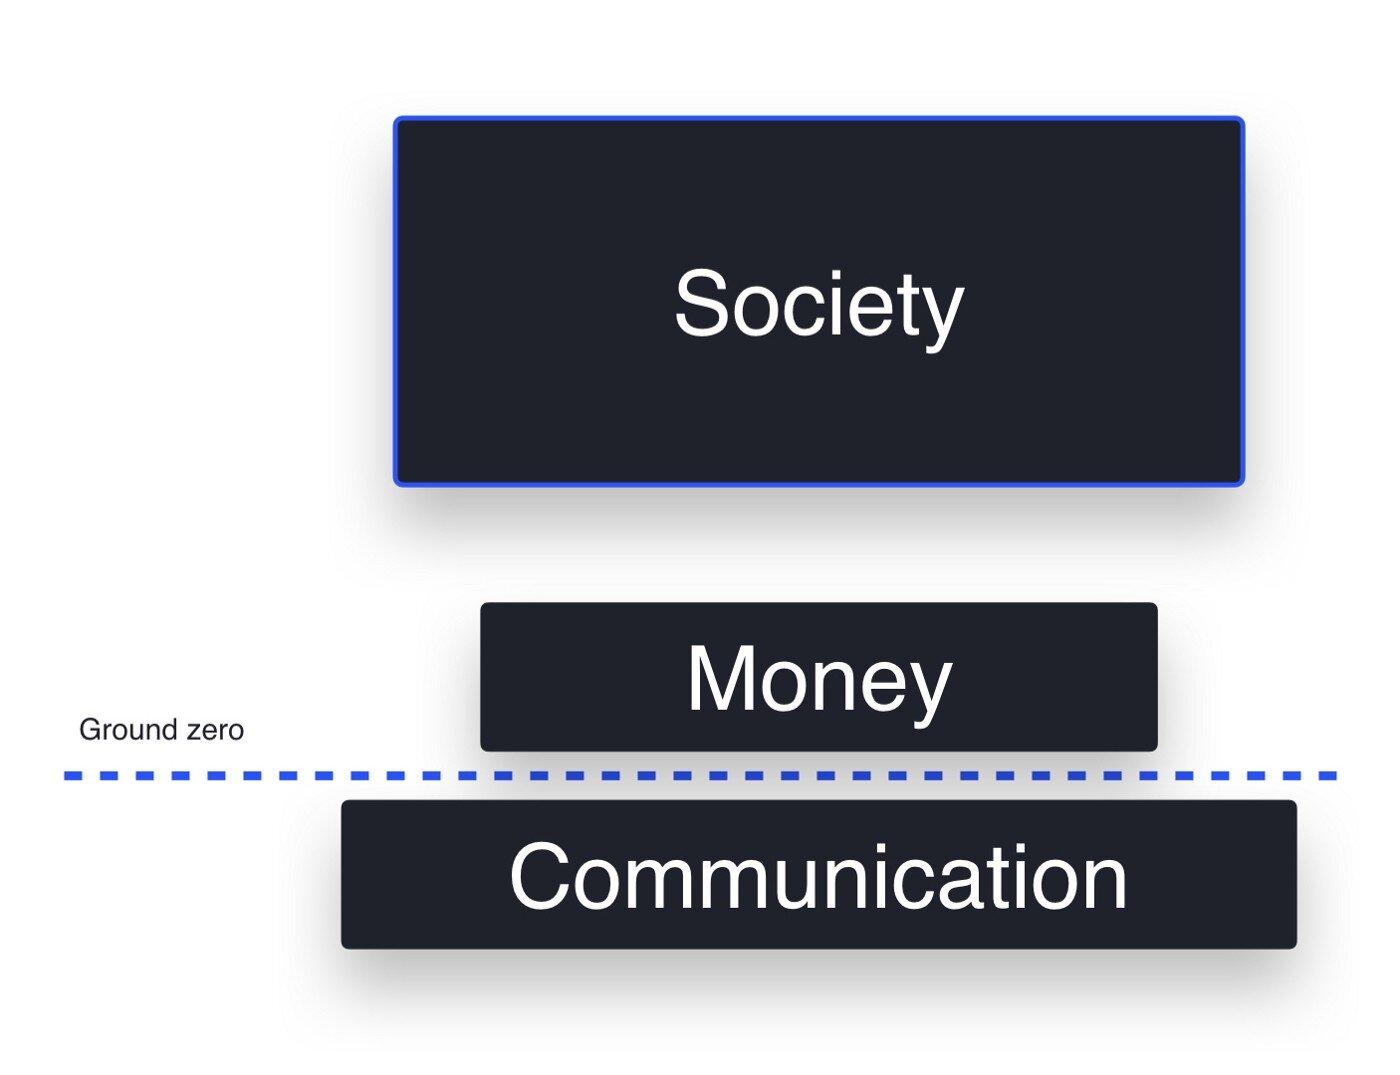 The Societal Stack